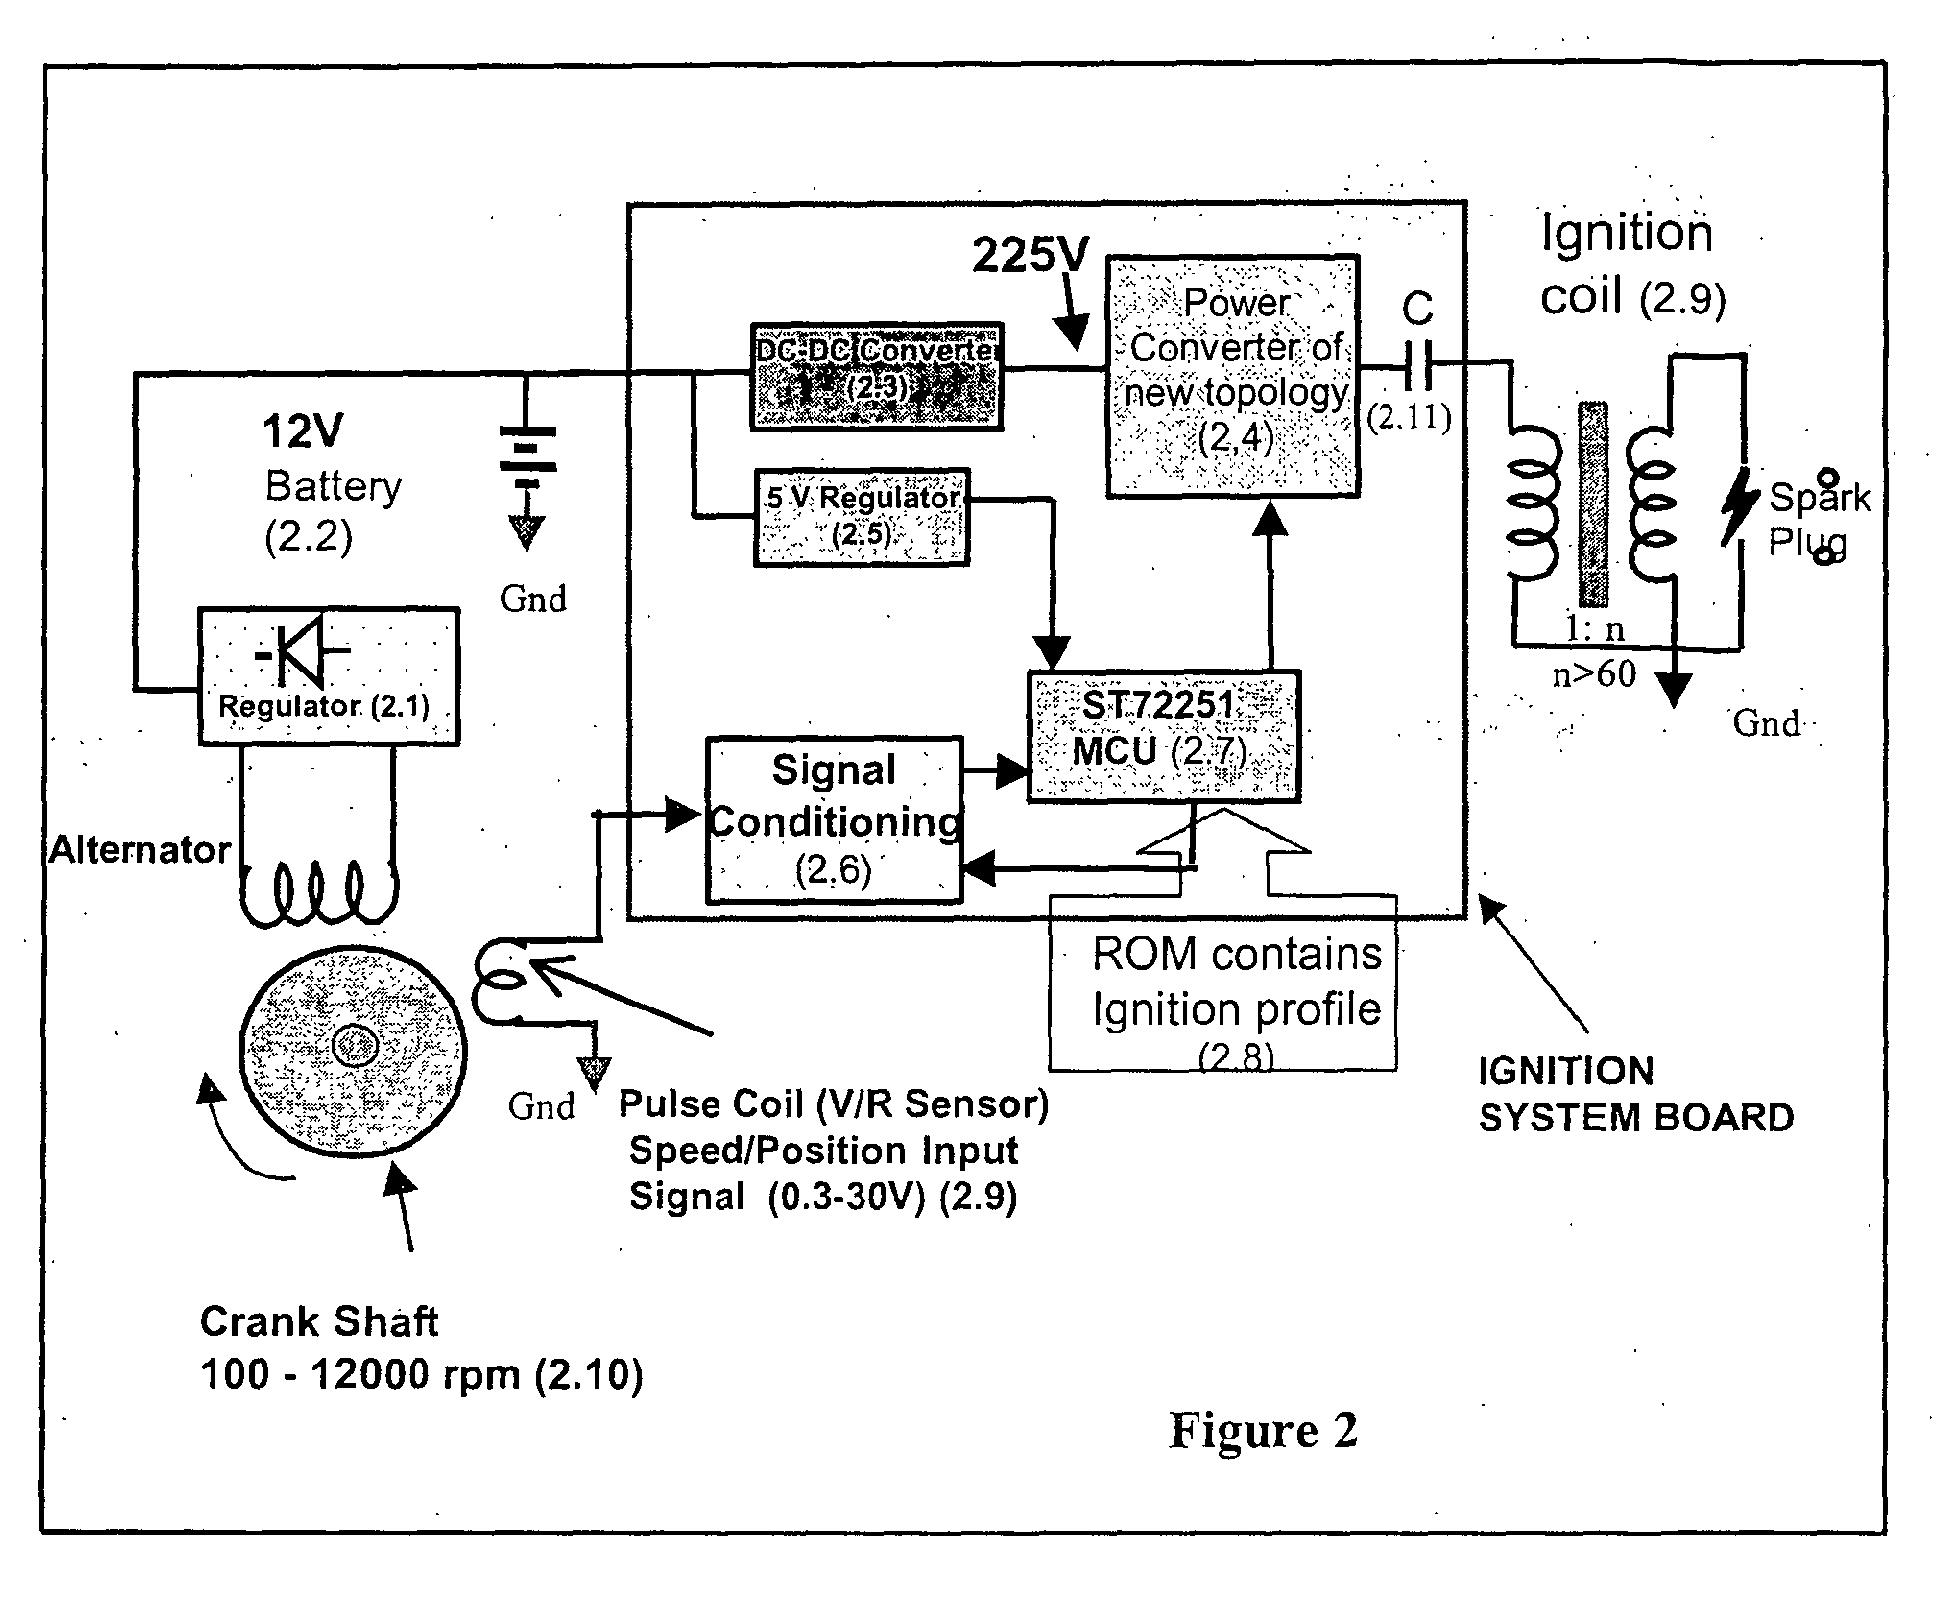 ducati regulator wiring diagram nr 8264  ducati regulator wiring diagram wiring diagram  ducati regulator wiring diagram wiring